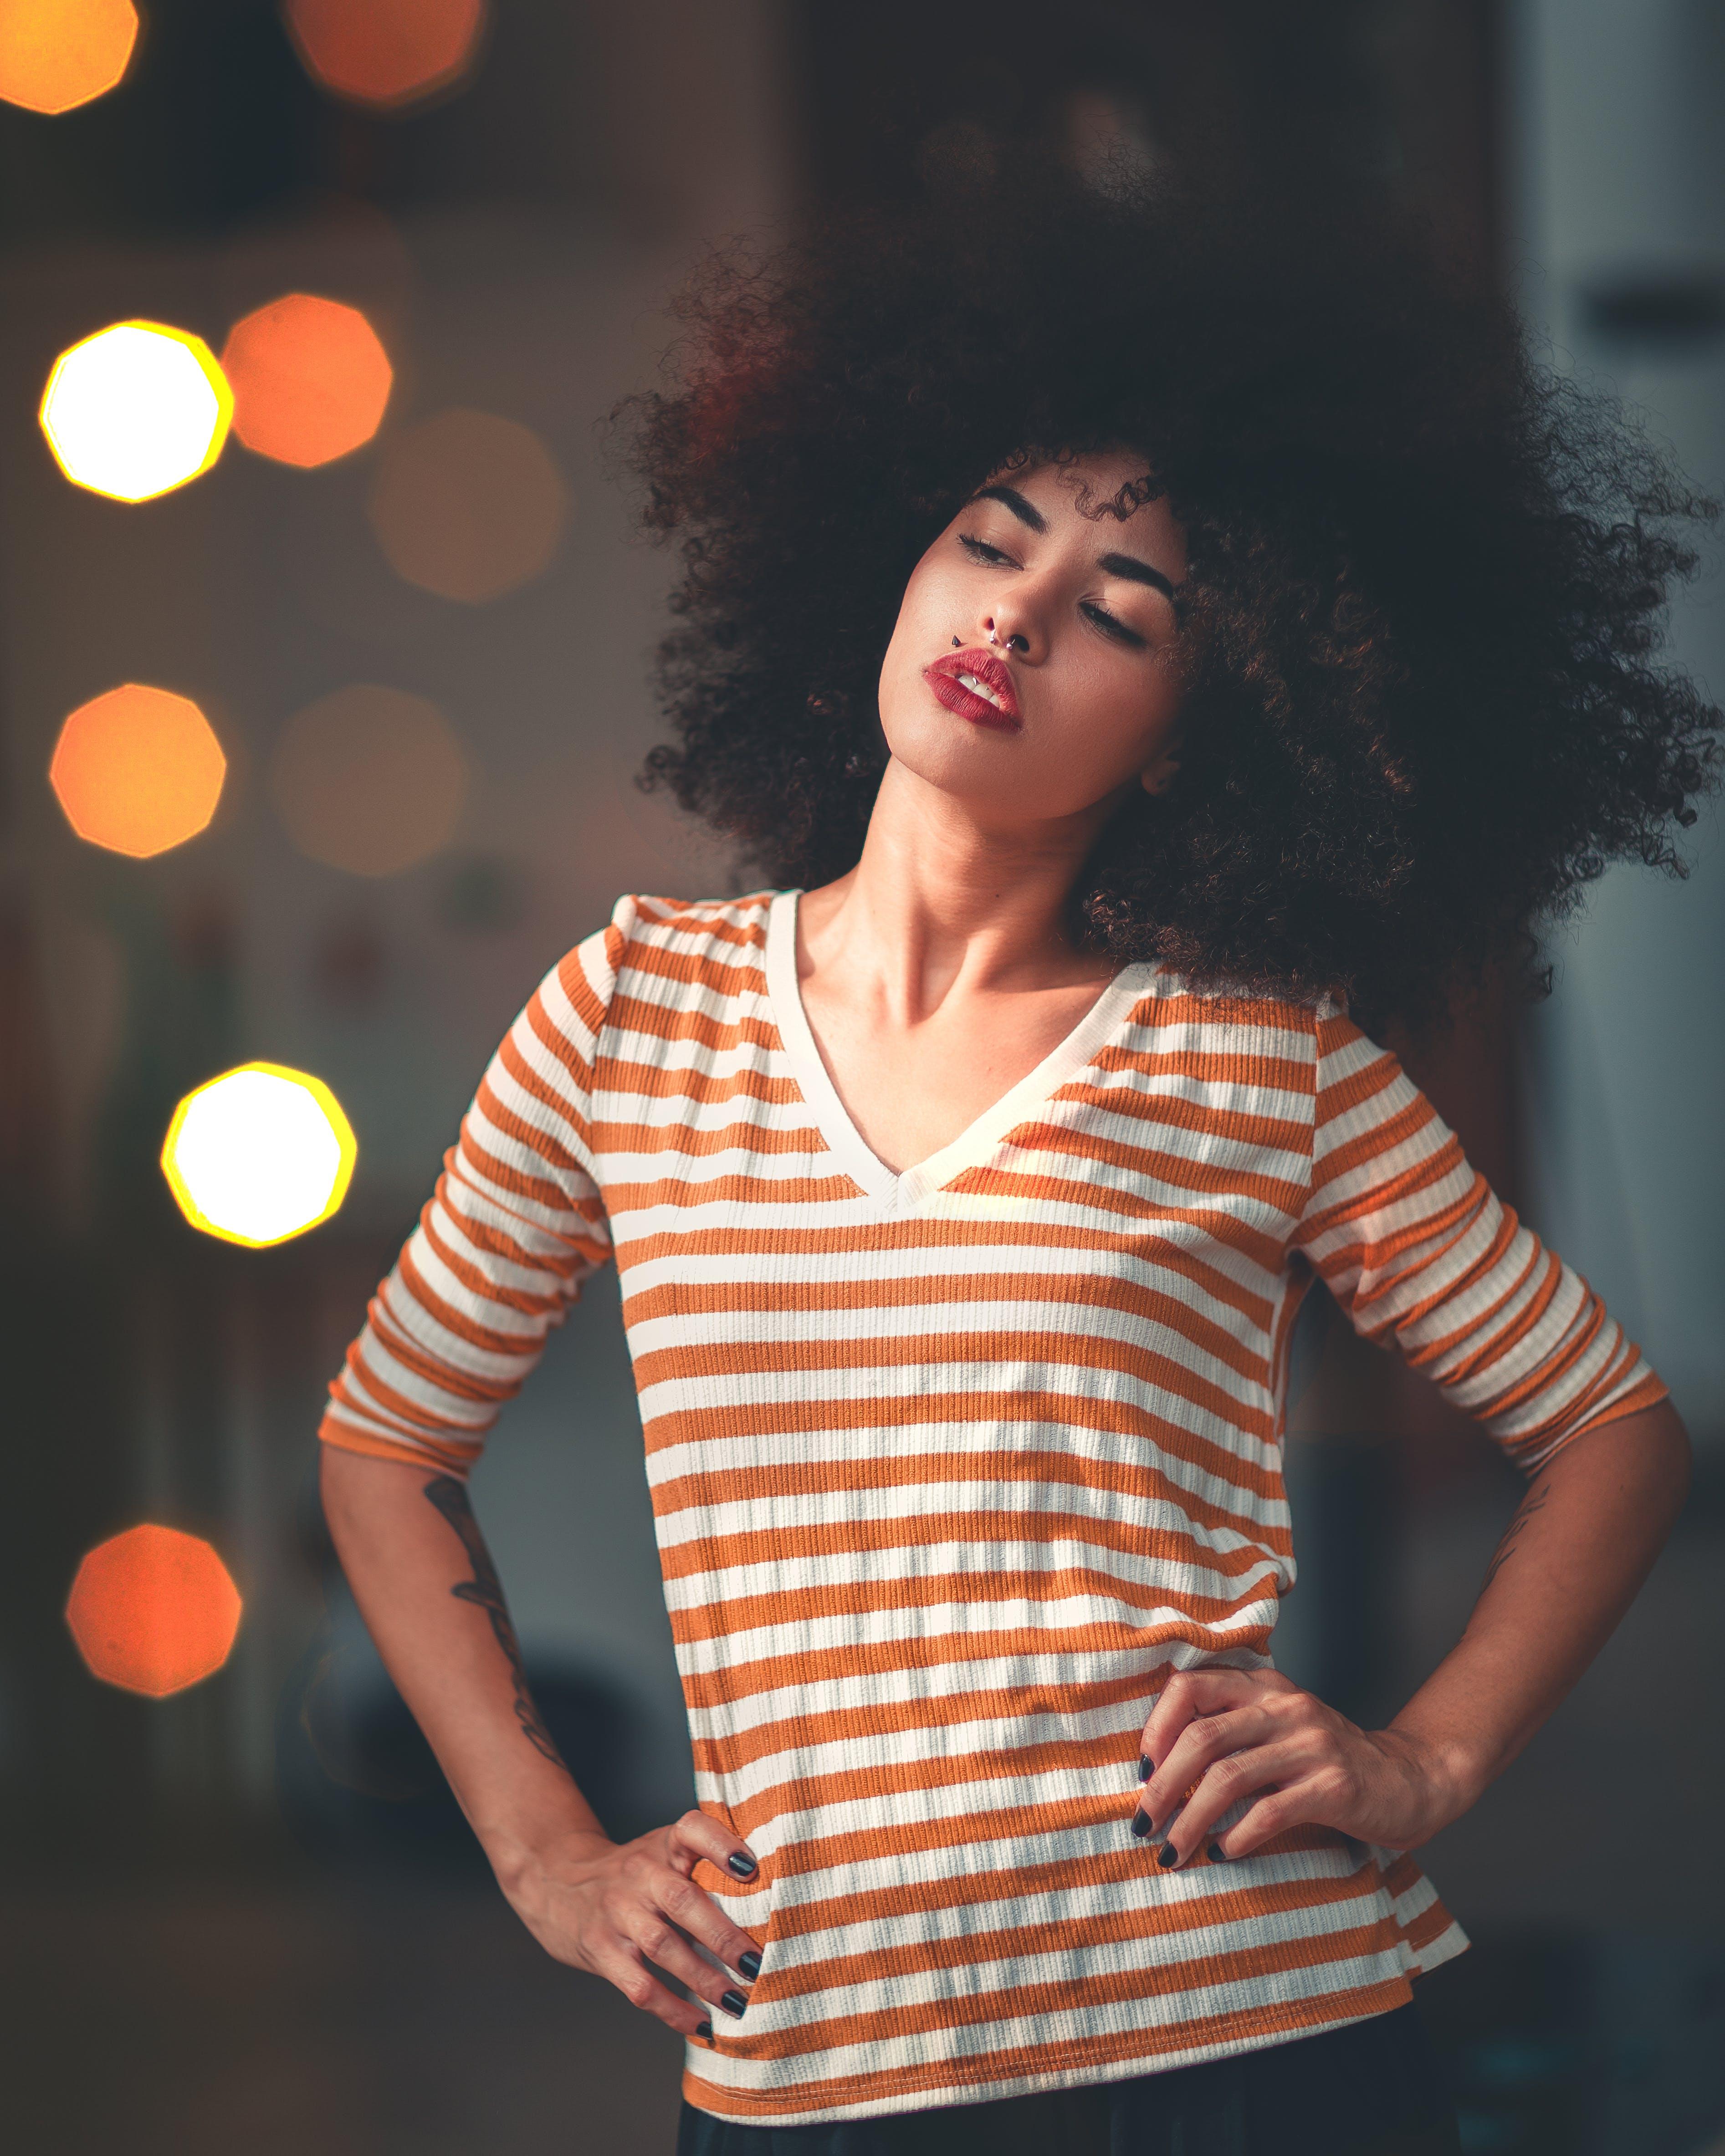 Gratis lagerfoto af afro, ansigtsudtryk, belyst, dame